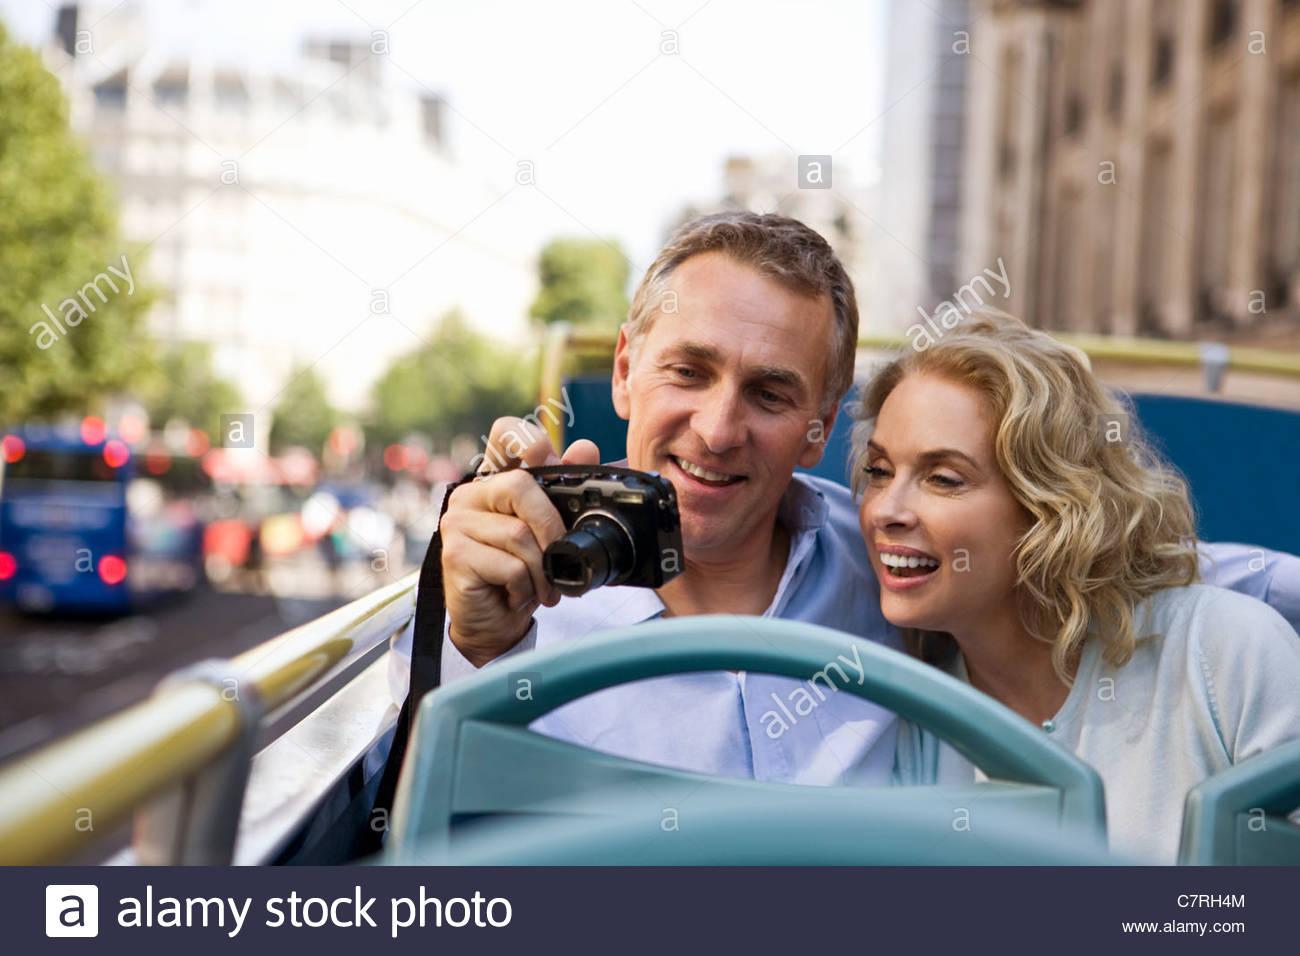 Un couple assis sur un bus de tourisme, holding a camera Photo Stock